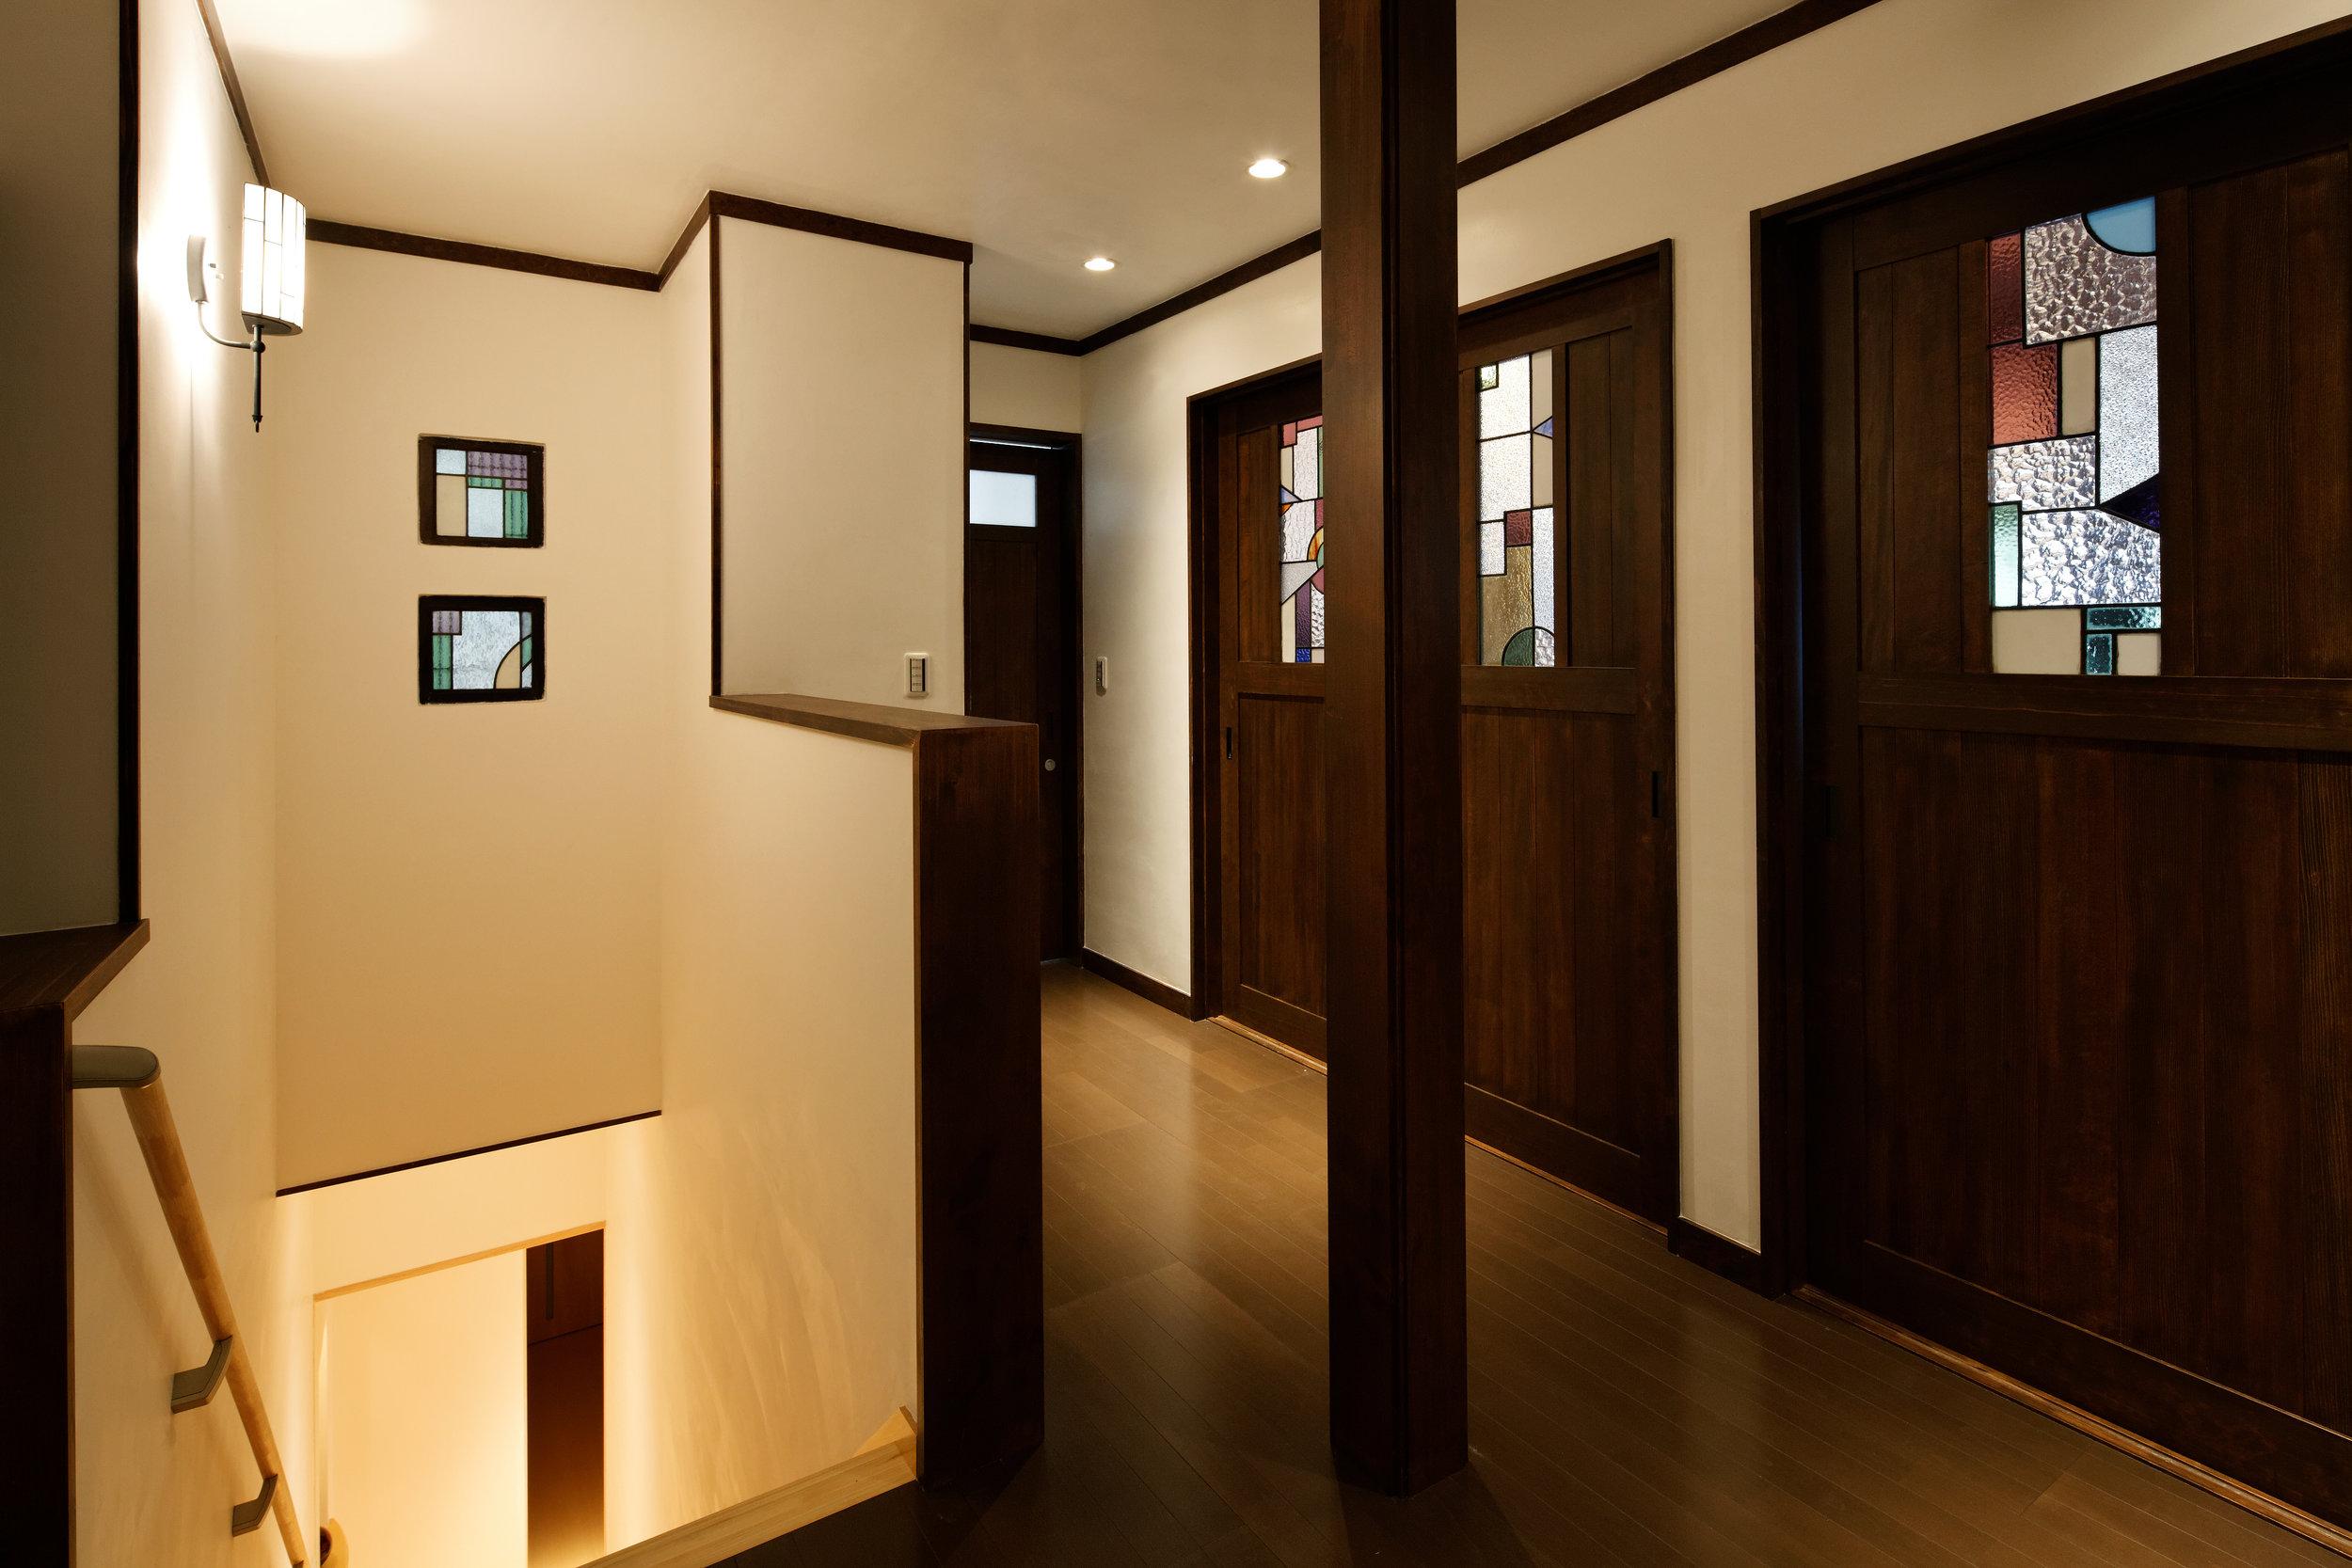 成正建装 愛知県 犬山市 新築 リフォーム 古民家再生 家づくり26.jpg